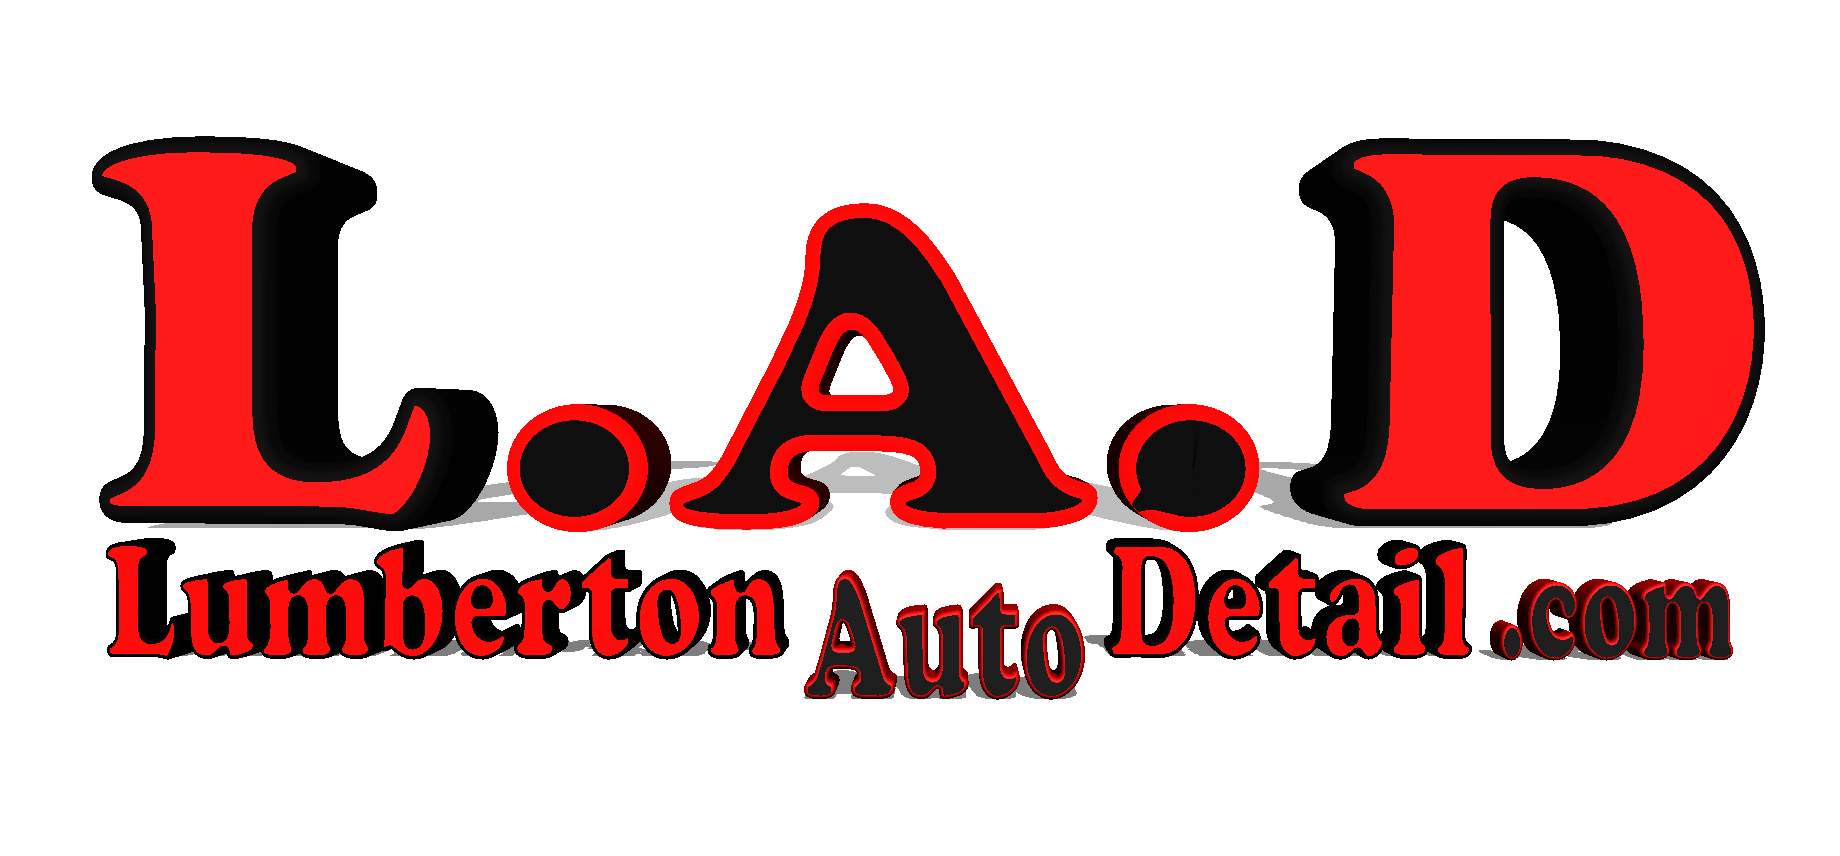 Lumberton Auto Detail